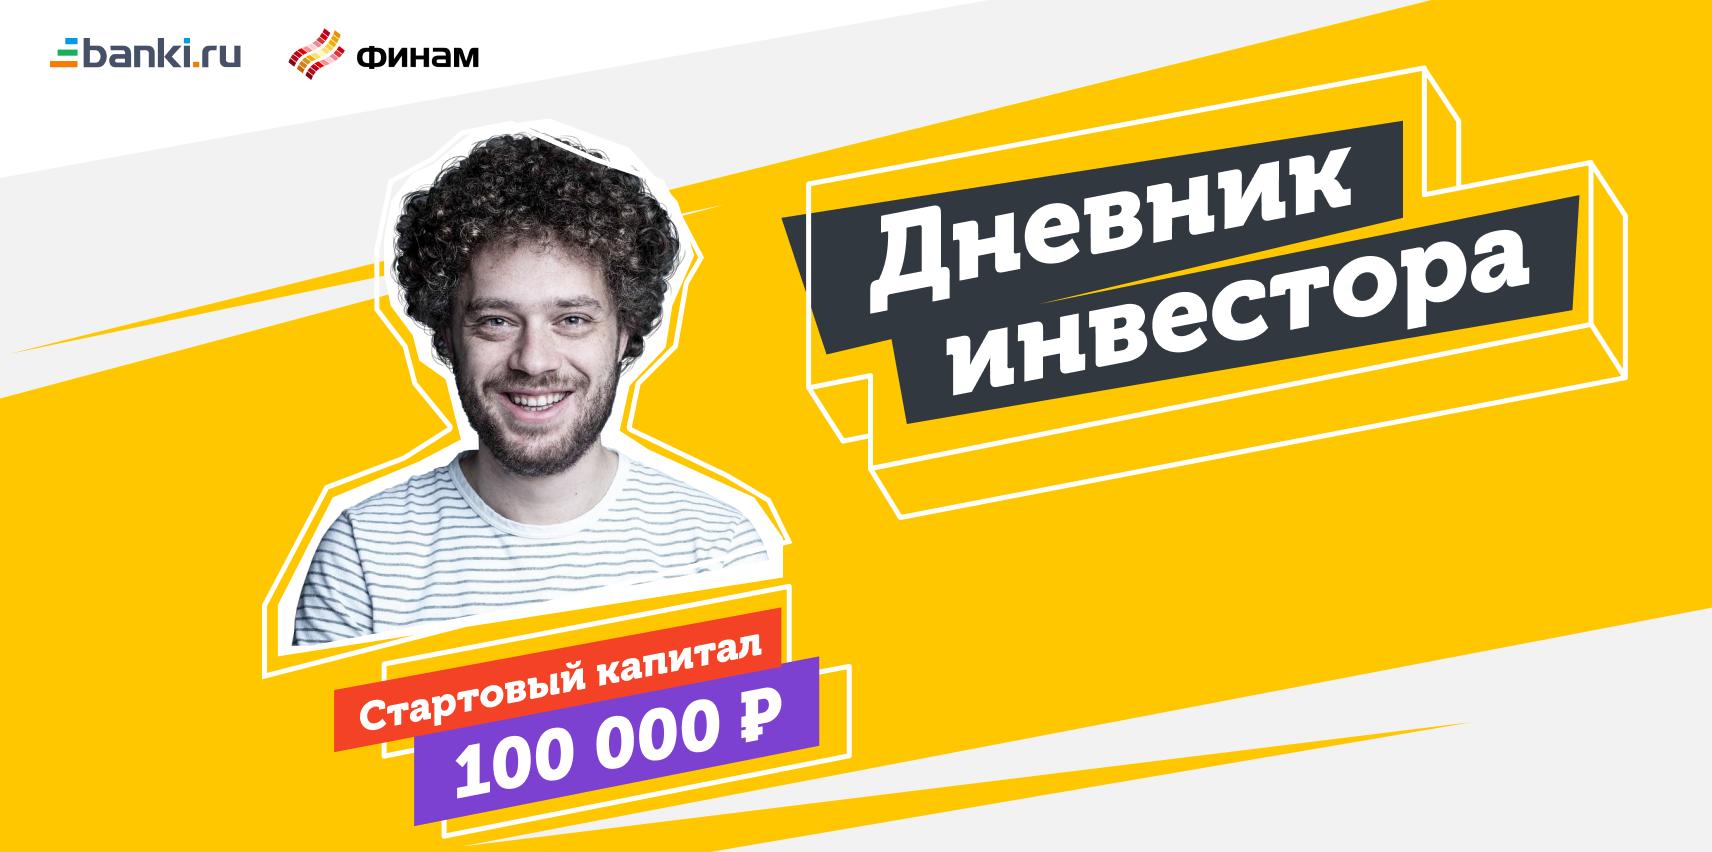 «Дневник инвестора»: Илья Варламов изучает в Сети наиболее интересные ресурсы